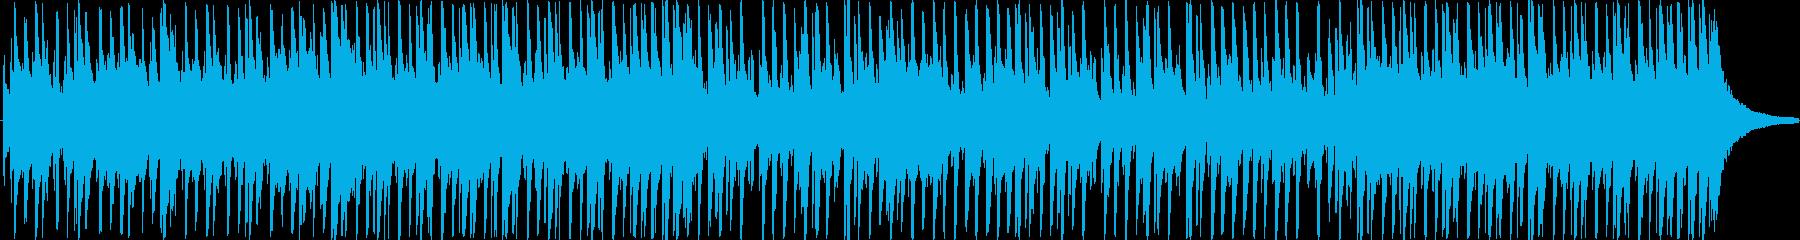 人気のポップ系コンセプトムービーBGMの再生済みの波形